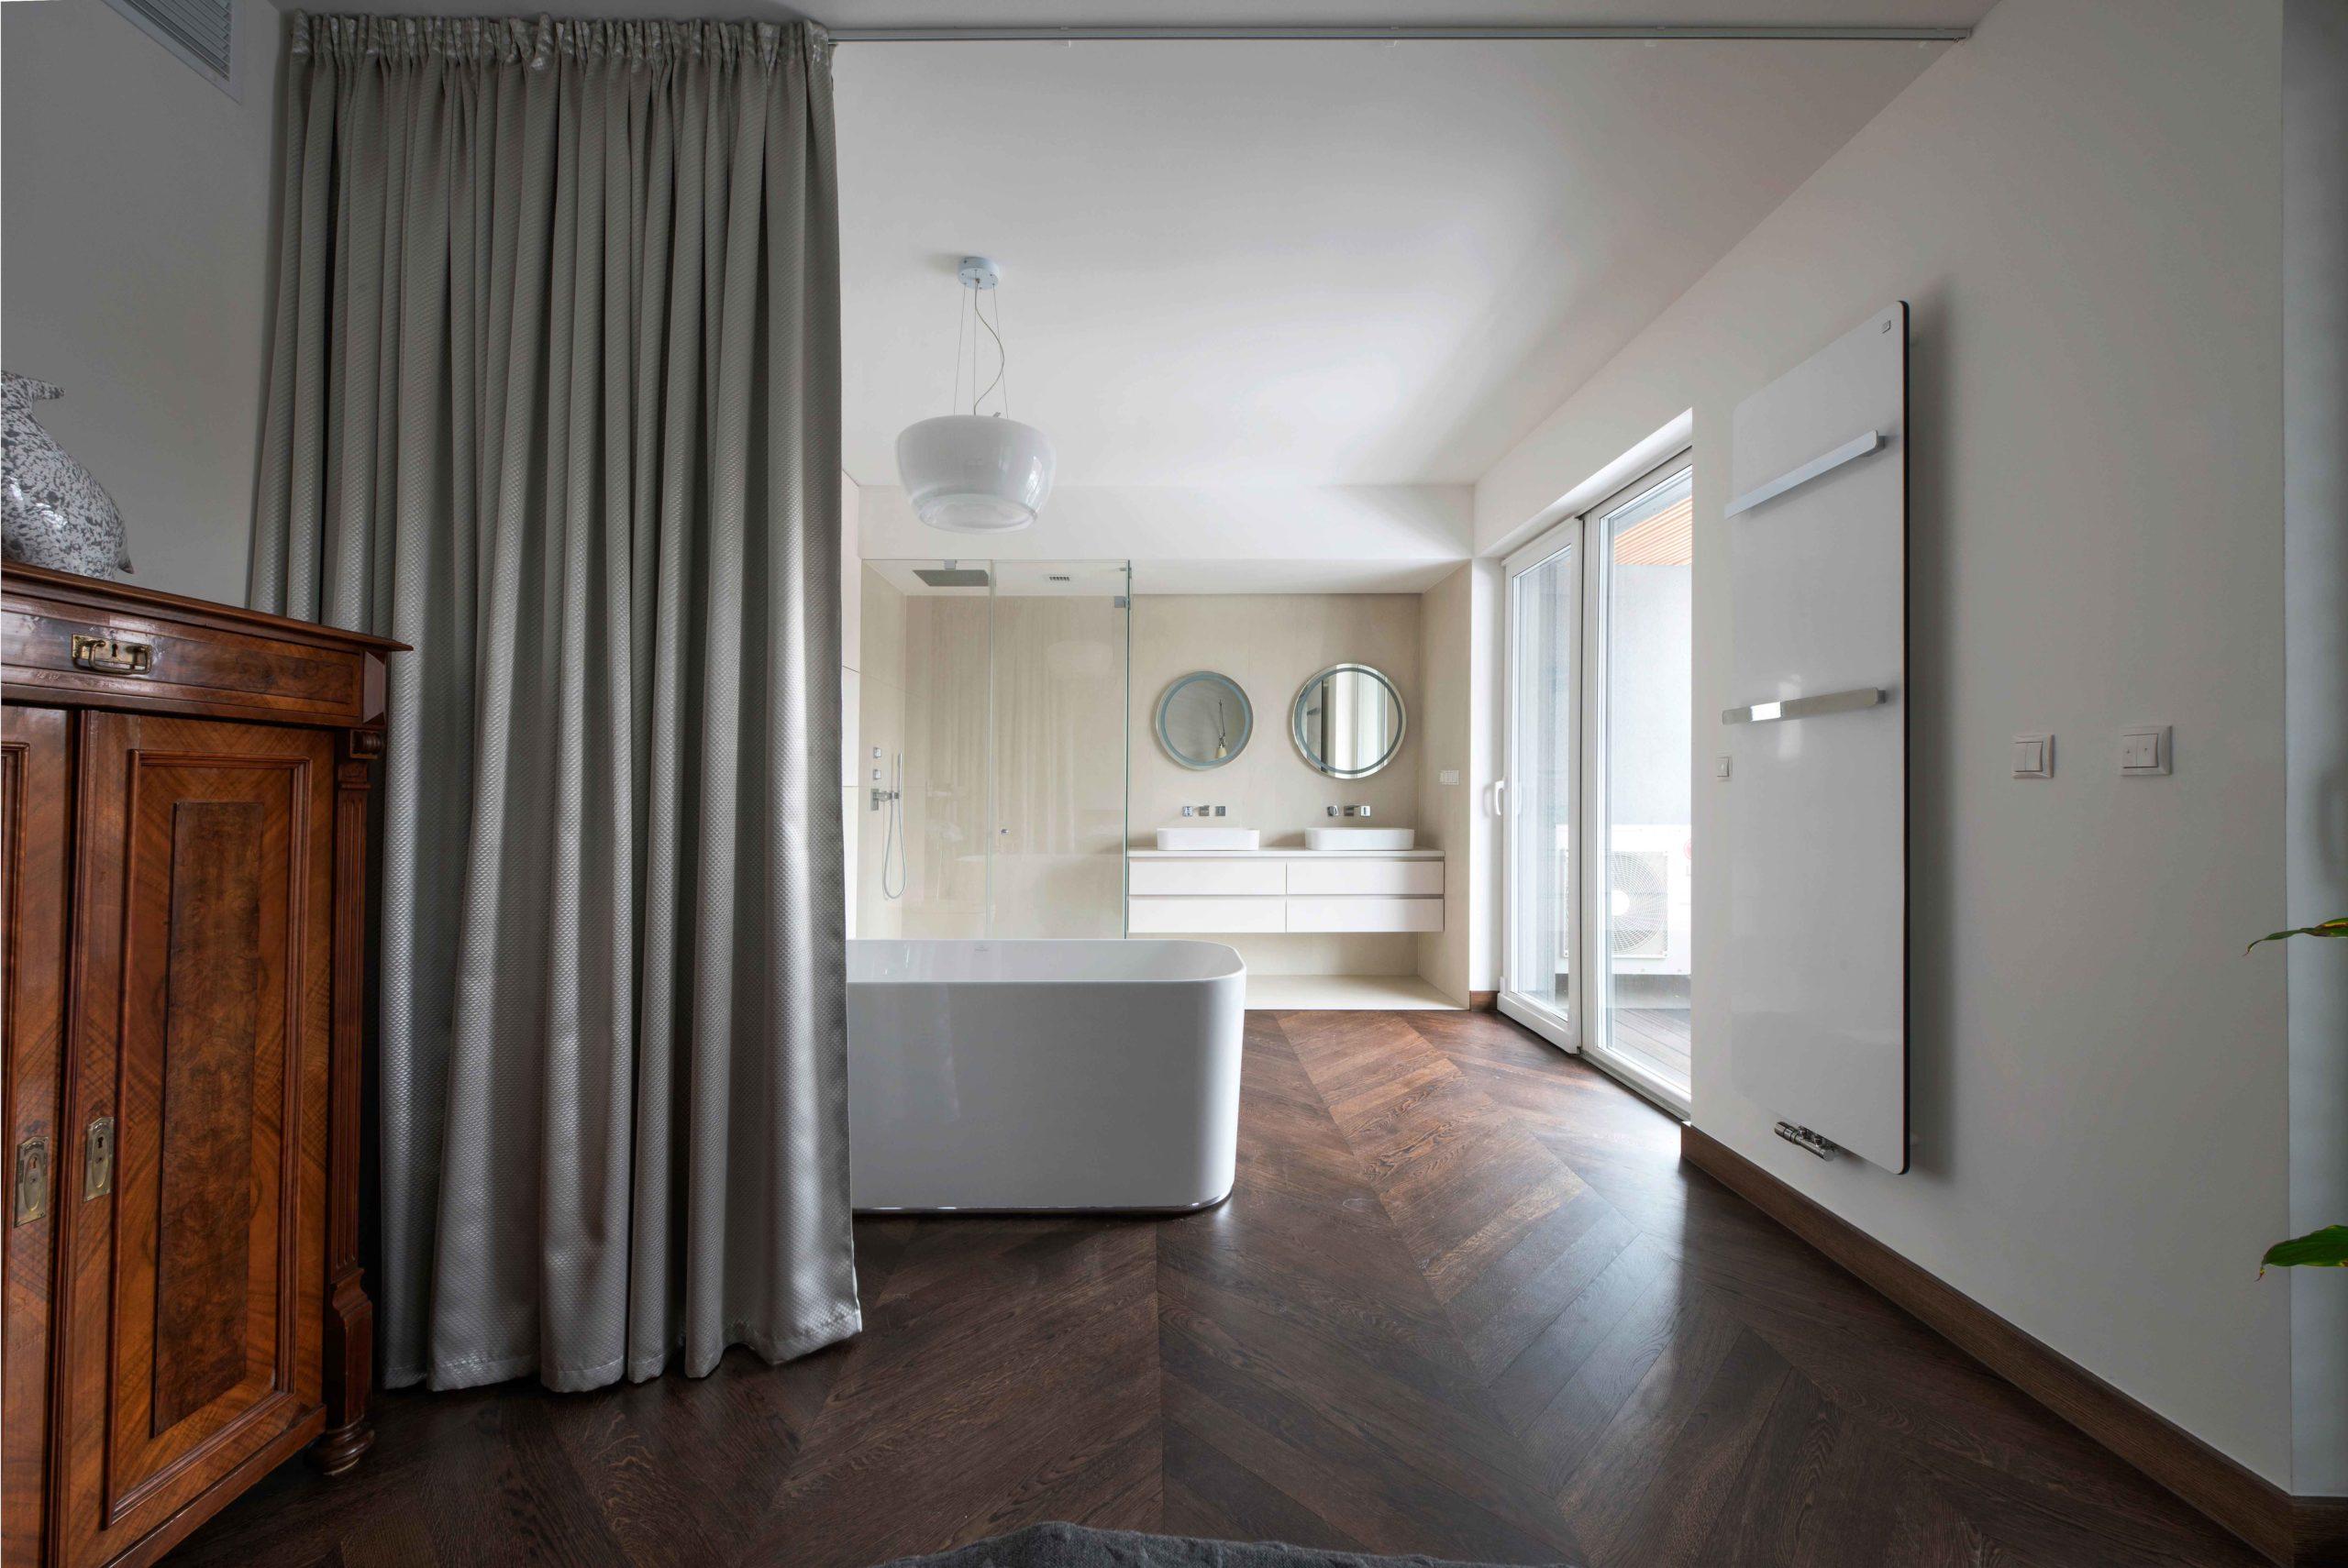 Apartament w koronach drzew